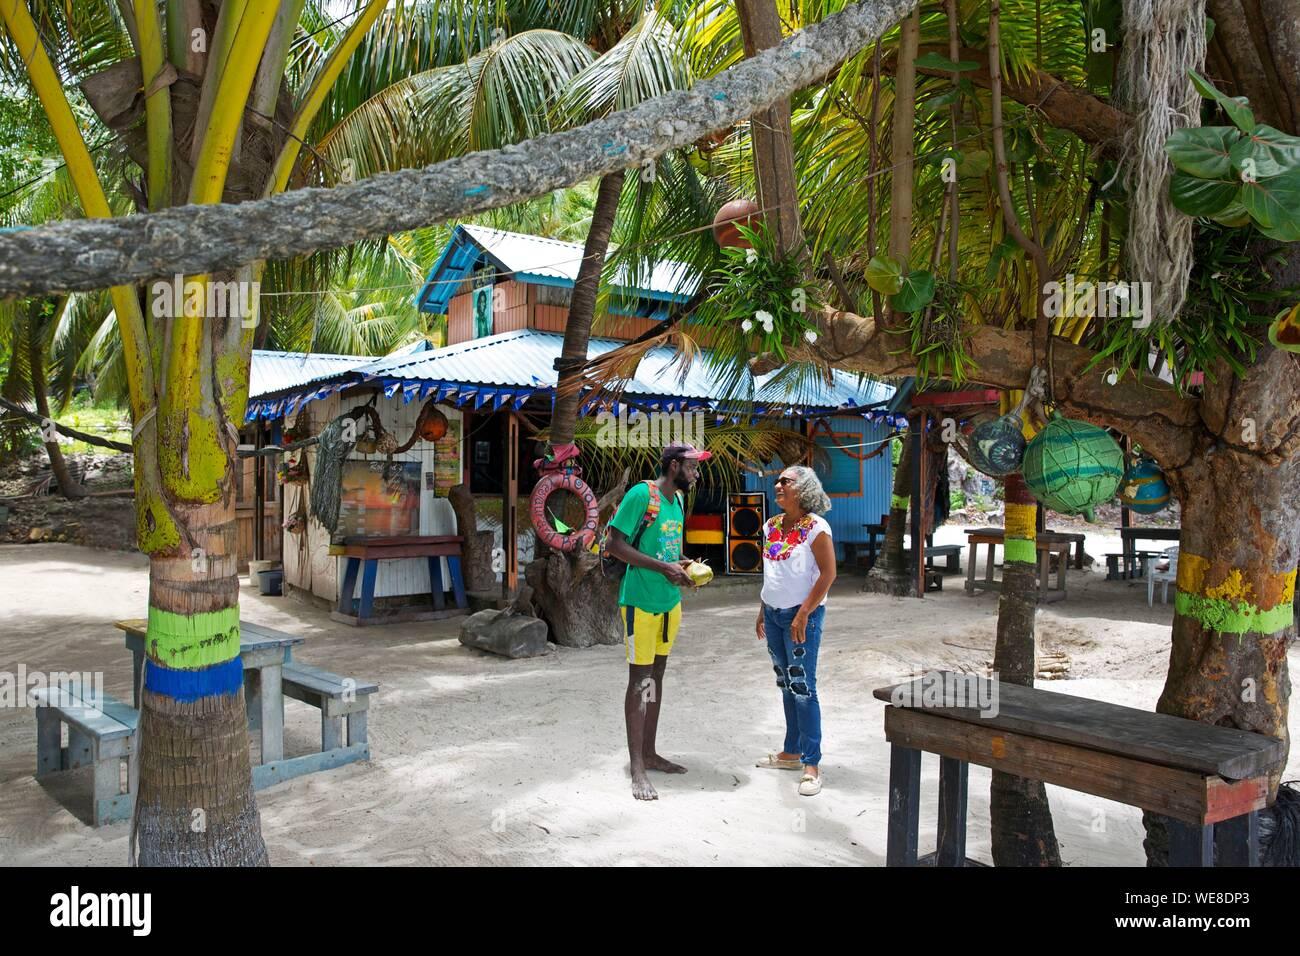 Colombia, la isla de Providencia, Colombia pareja conversando sobre la arena de Rolland's bar, un bar oculto bajo la vegetación tropical en la playa de Manzanillo Foto de stock